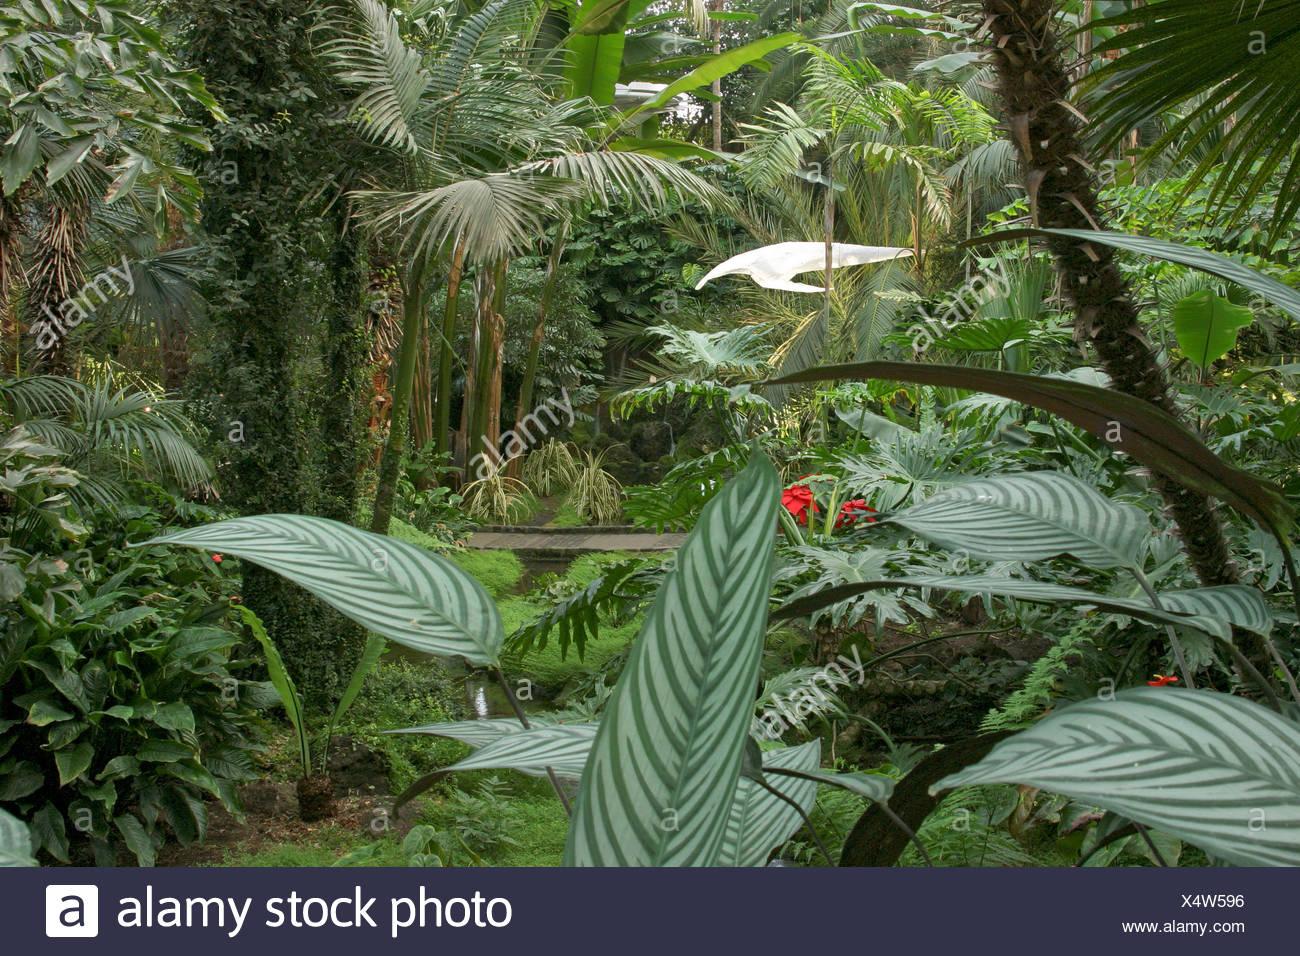 Jungle artificielle et objet d'art dans la serre du parc Palmengarten Palmenhaus Francfort, Hesse, Allemagne Photo Stock